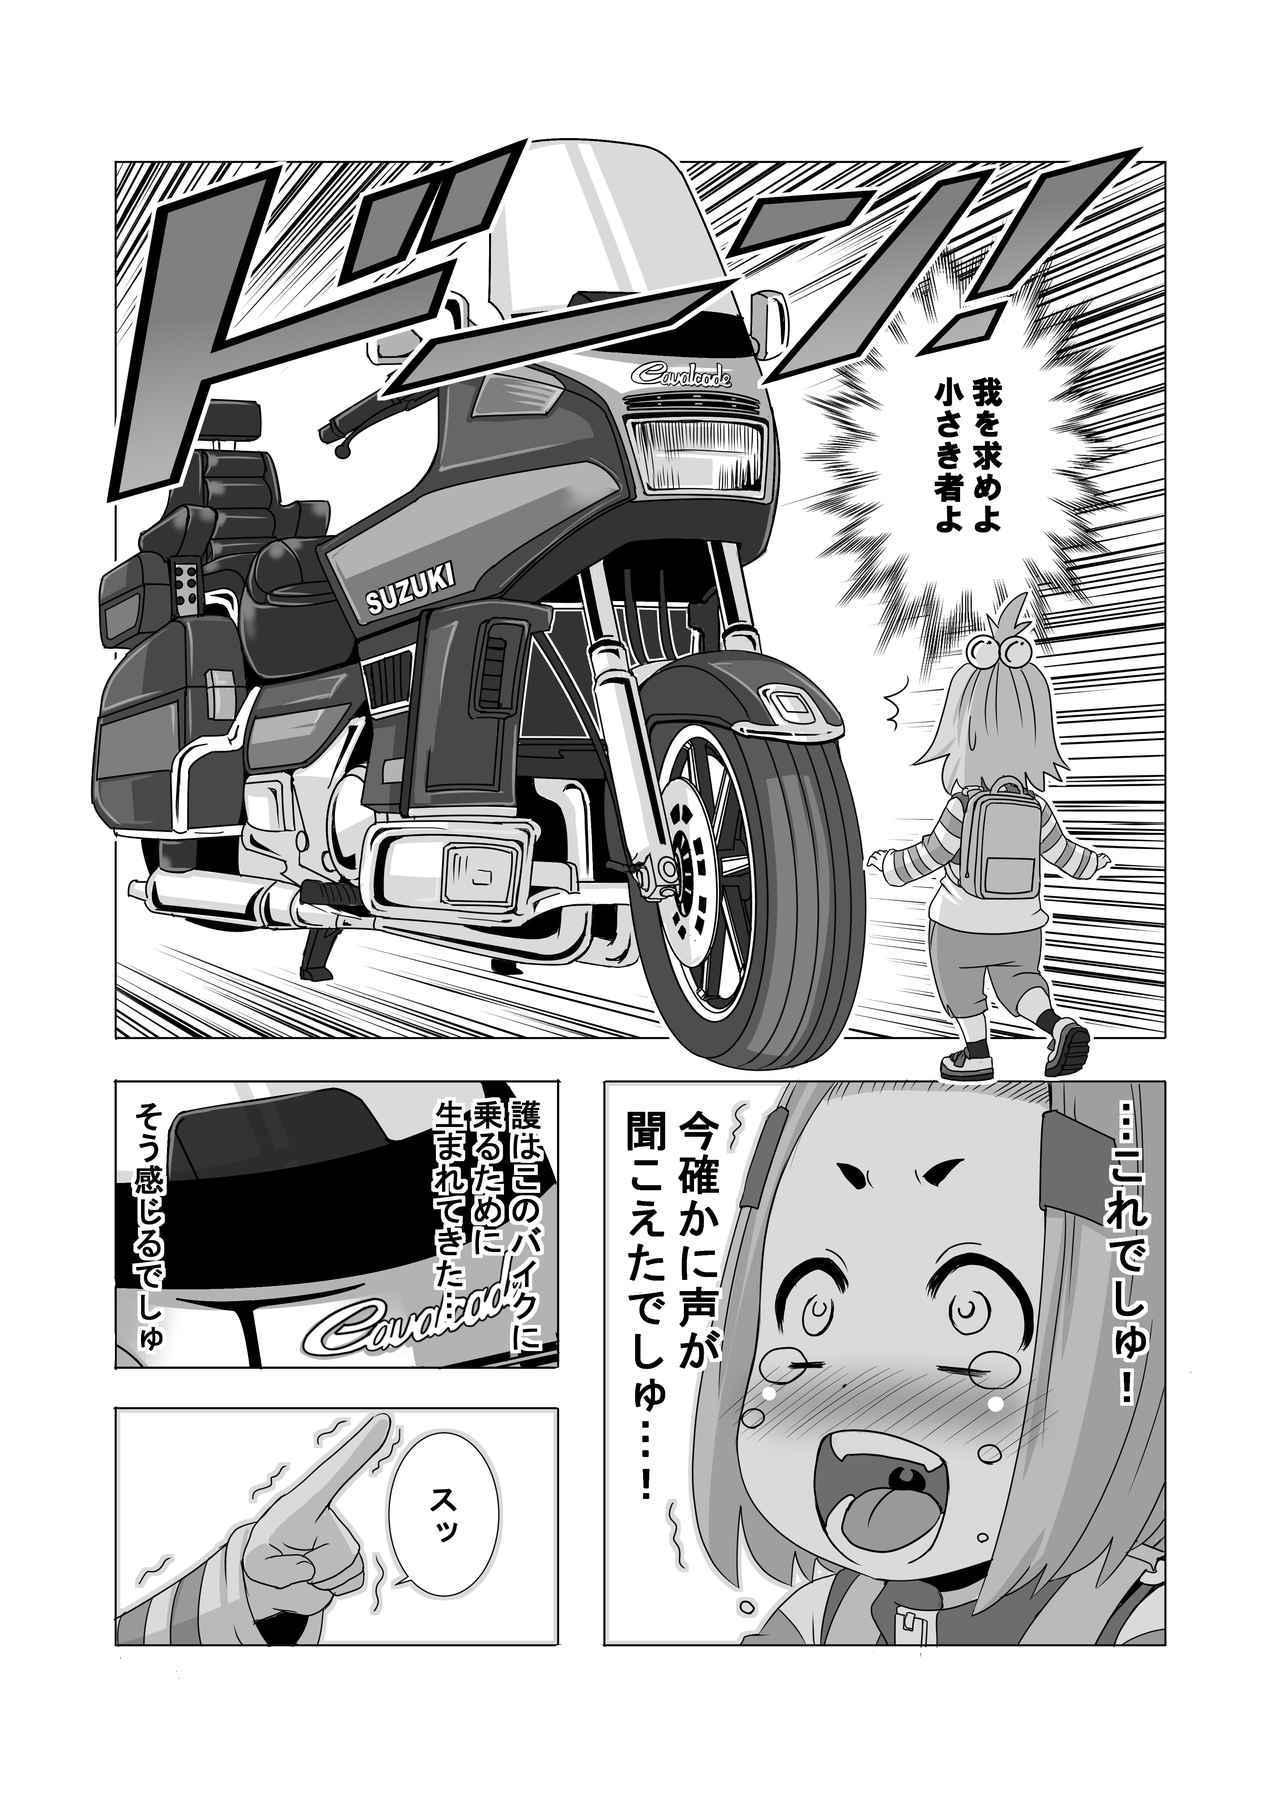 画像8: 【連載】馬場郁子がこよなくバイクを愛す理由(第十九話:本気なワケ)作:鈴木秀吉